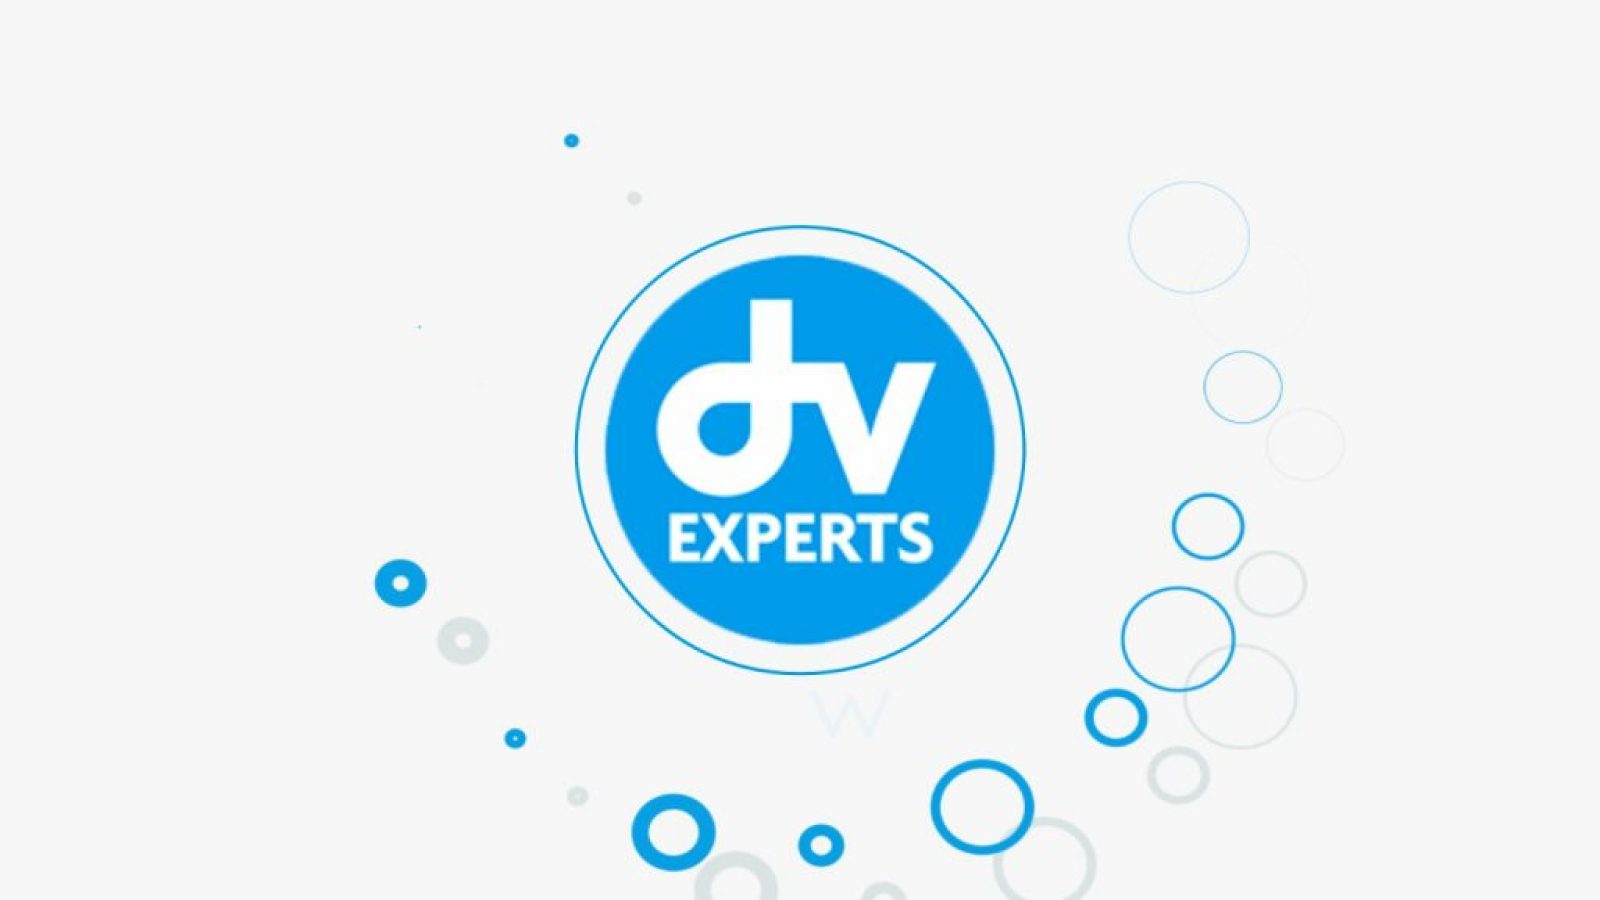 Dv expert